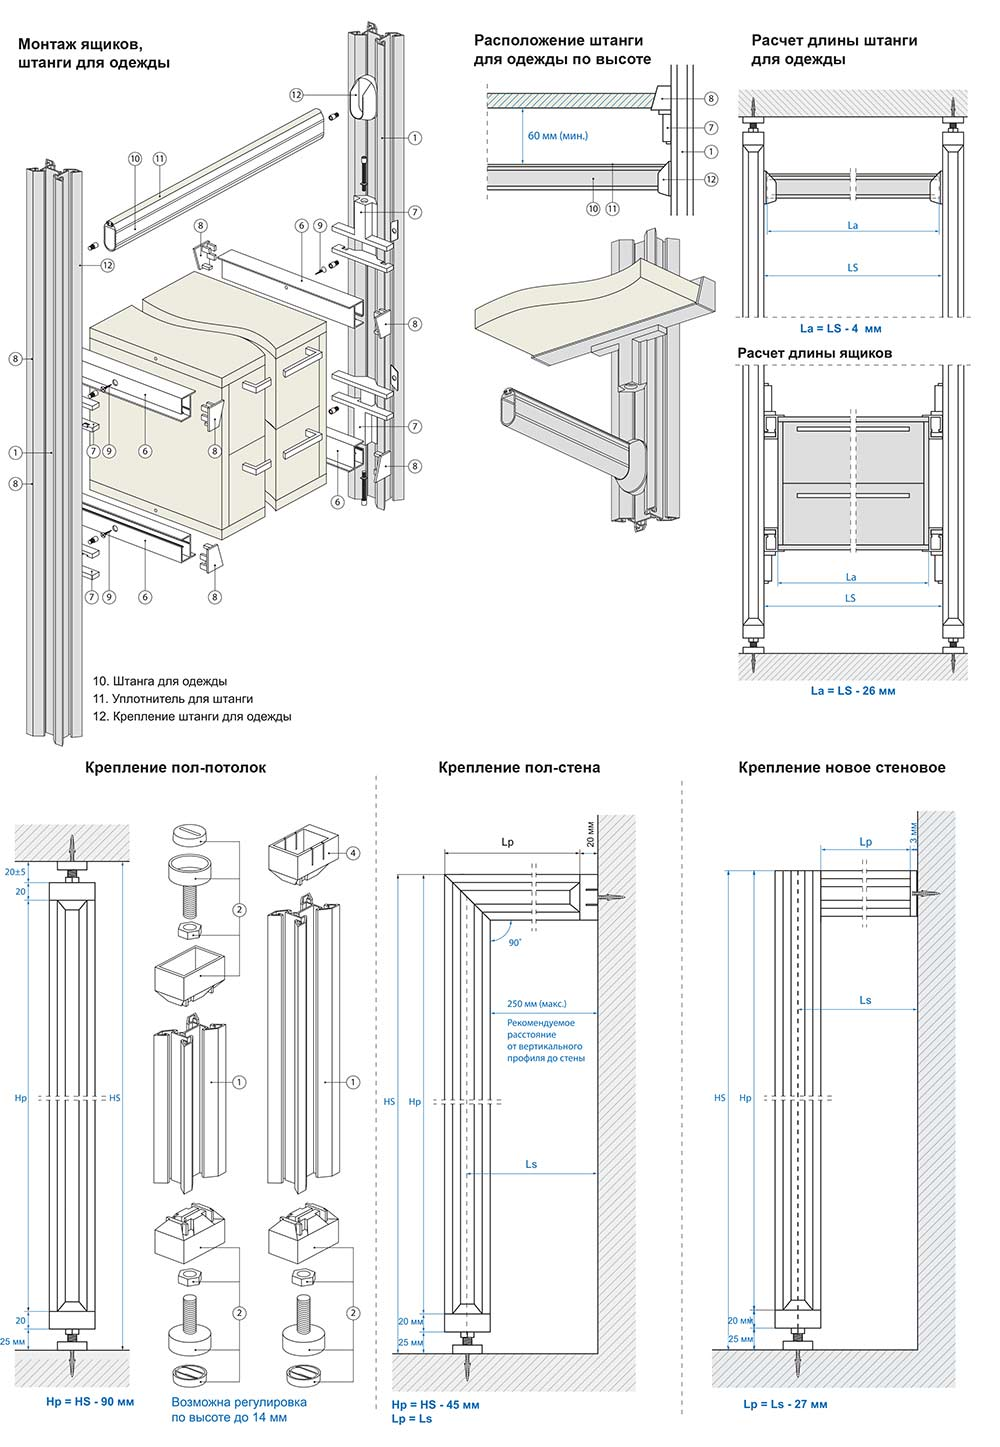 гардеробные системы схема крепления модулей